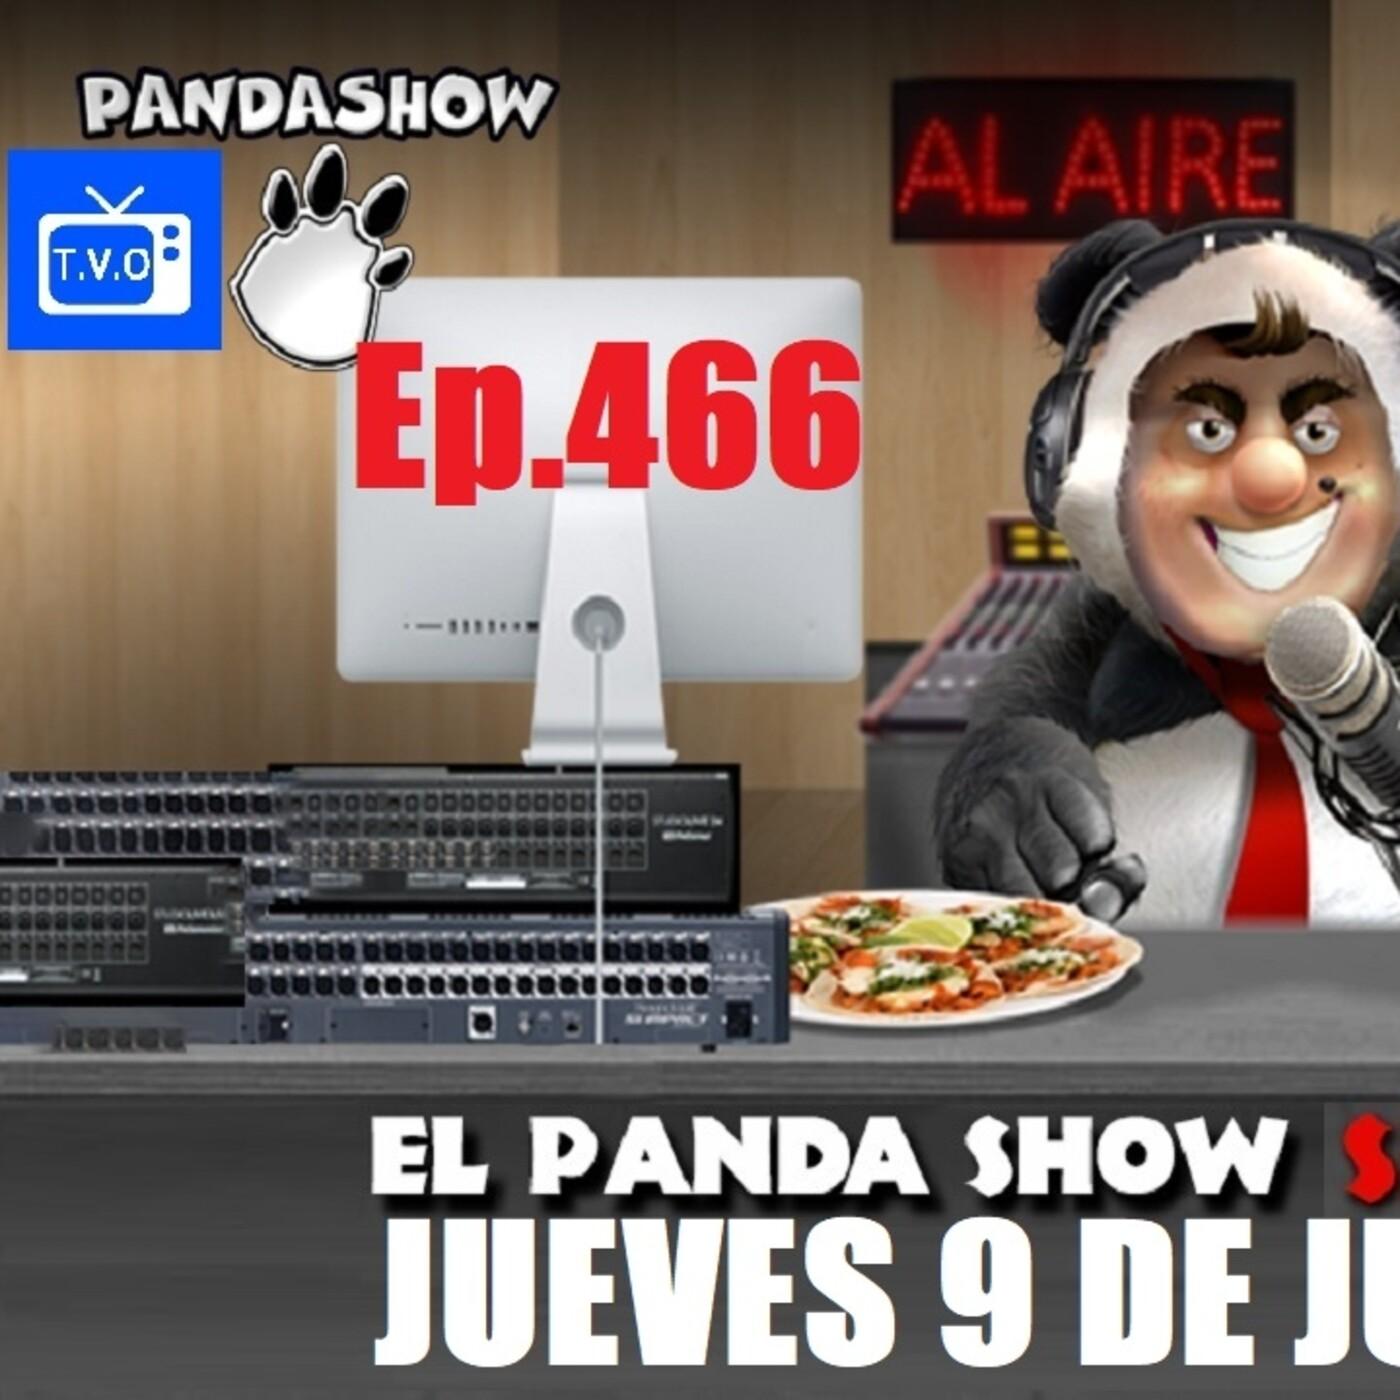 EL PANDA SHOW Ep. 466 JUEVES 9 DE JULIO 2020